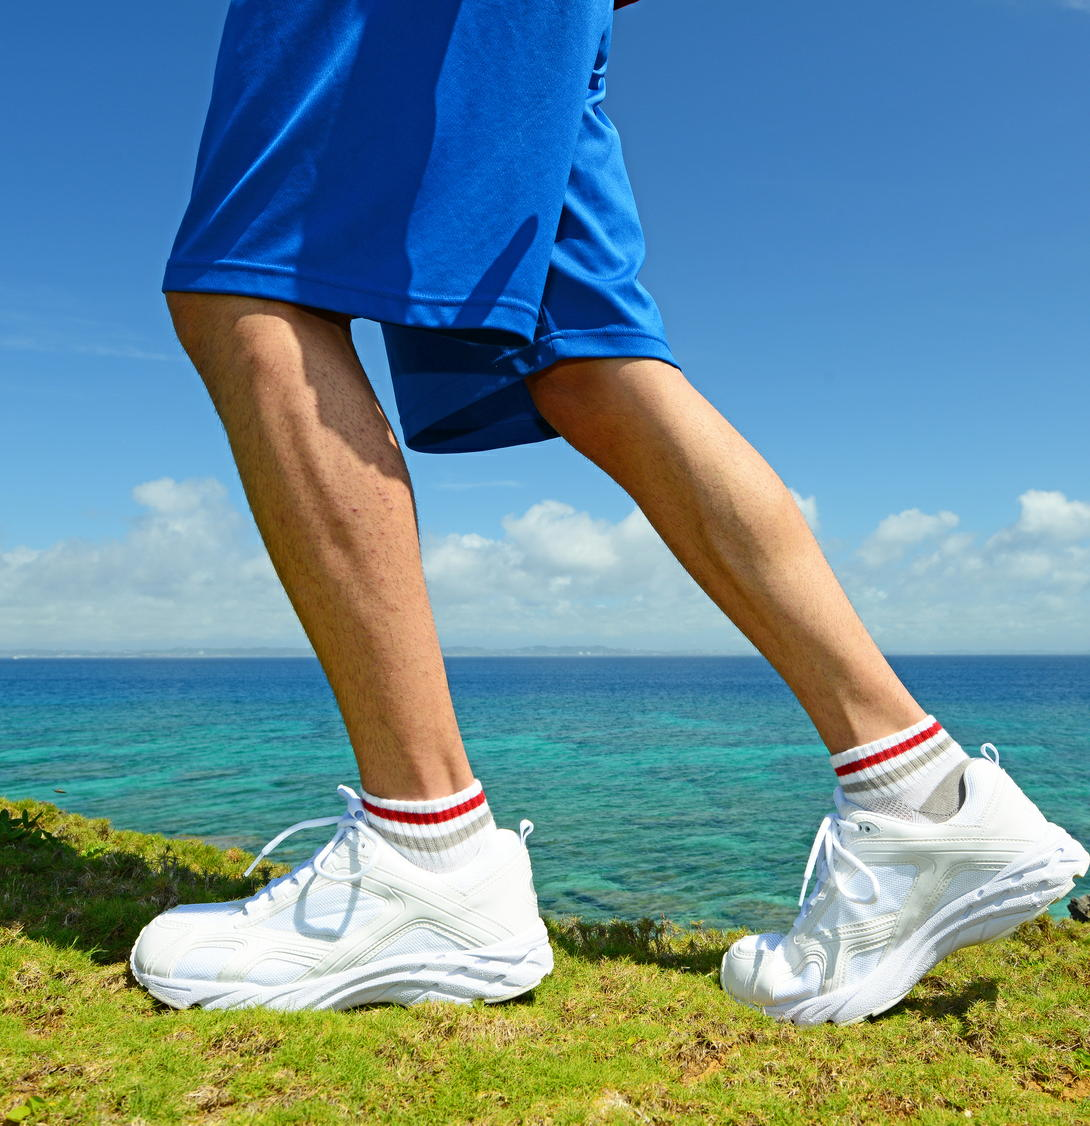 全身持久力を向上させ高血圧を予防 「身体活動基準2013」で検討